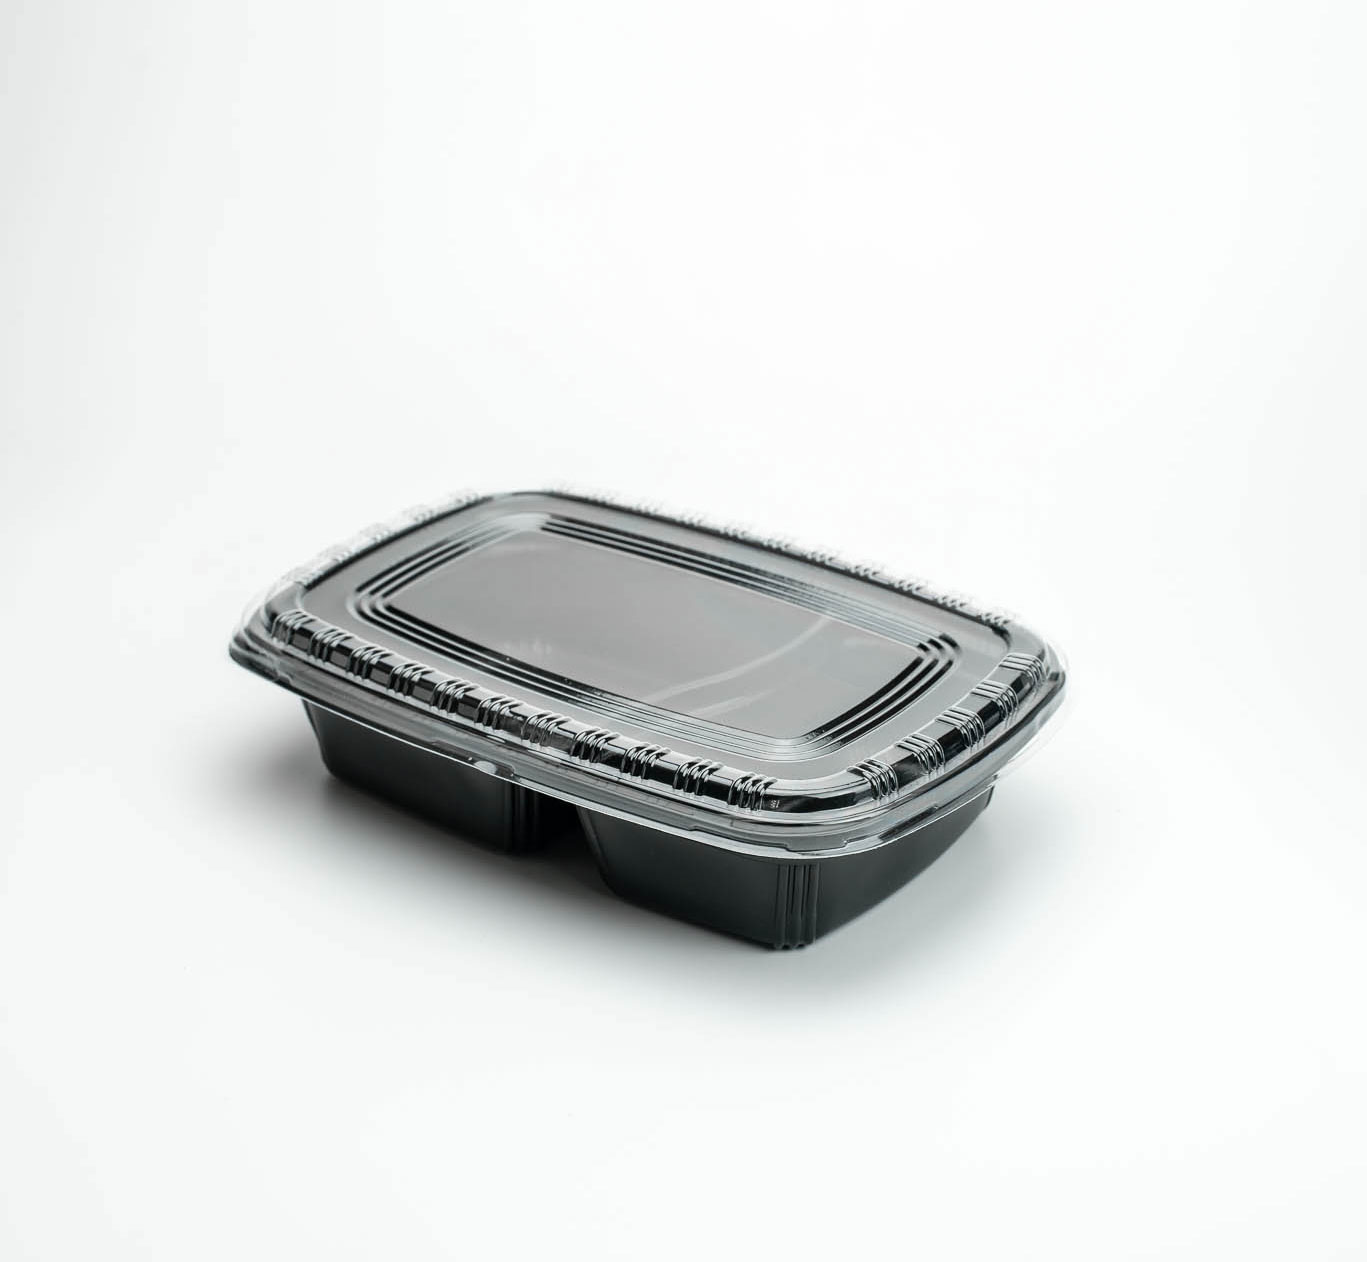 กล่องอาหารพลาสติก 2 ช่อง simple 750ml (ฝาใสไร้ฝ้า)